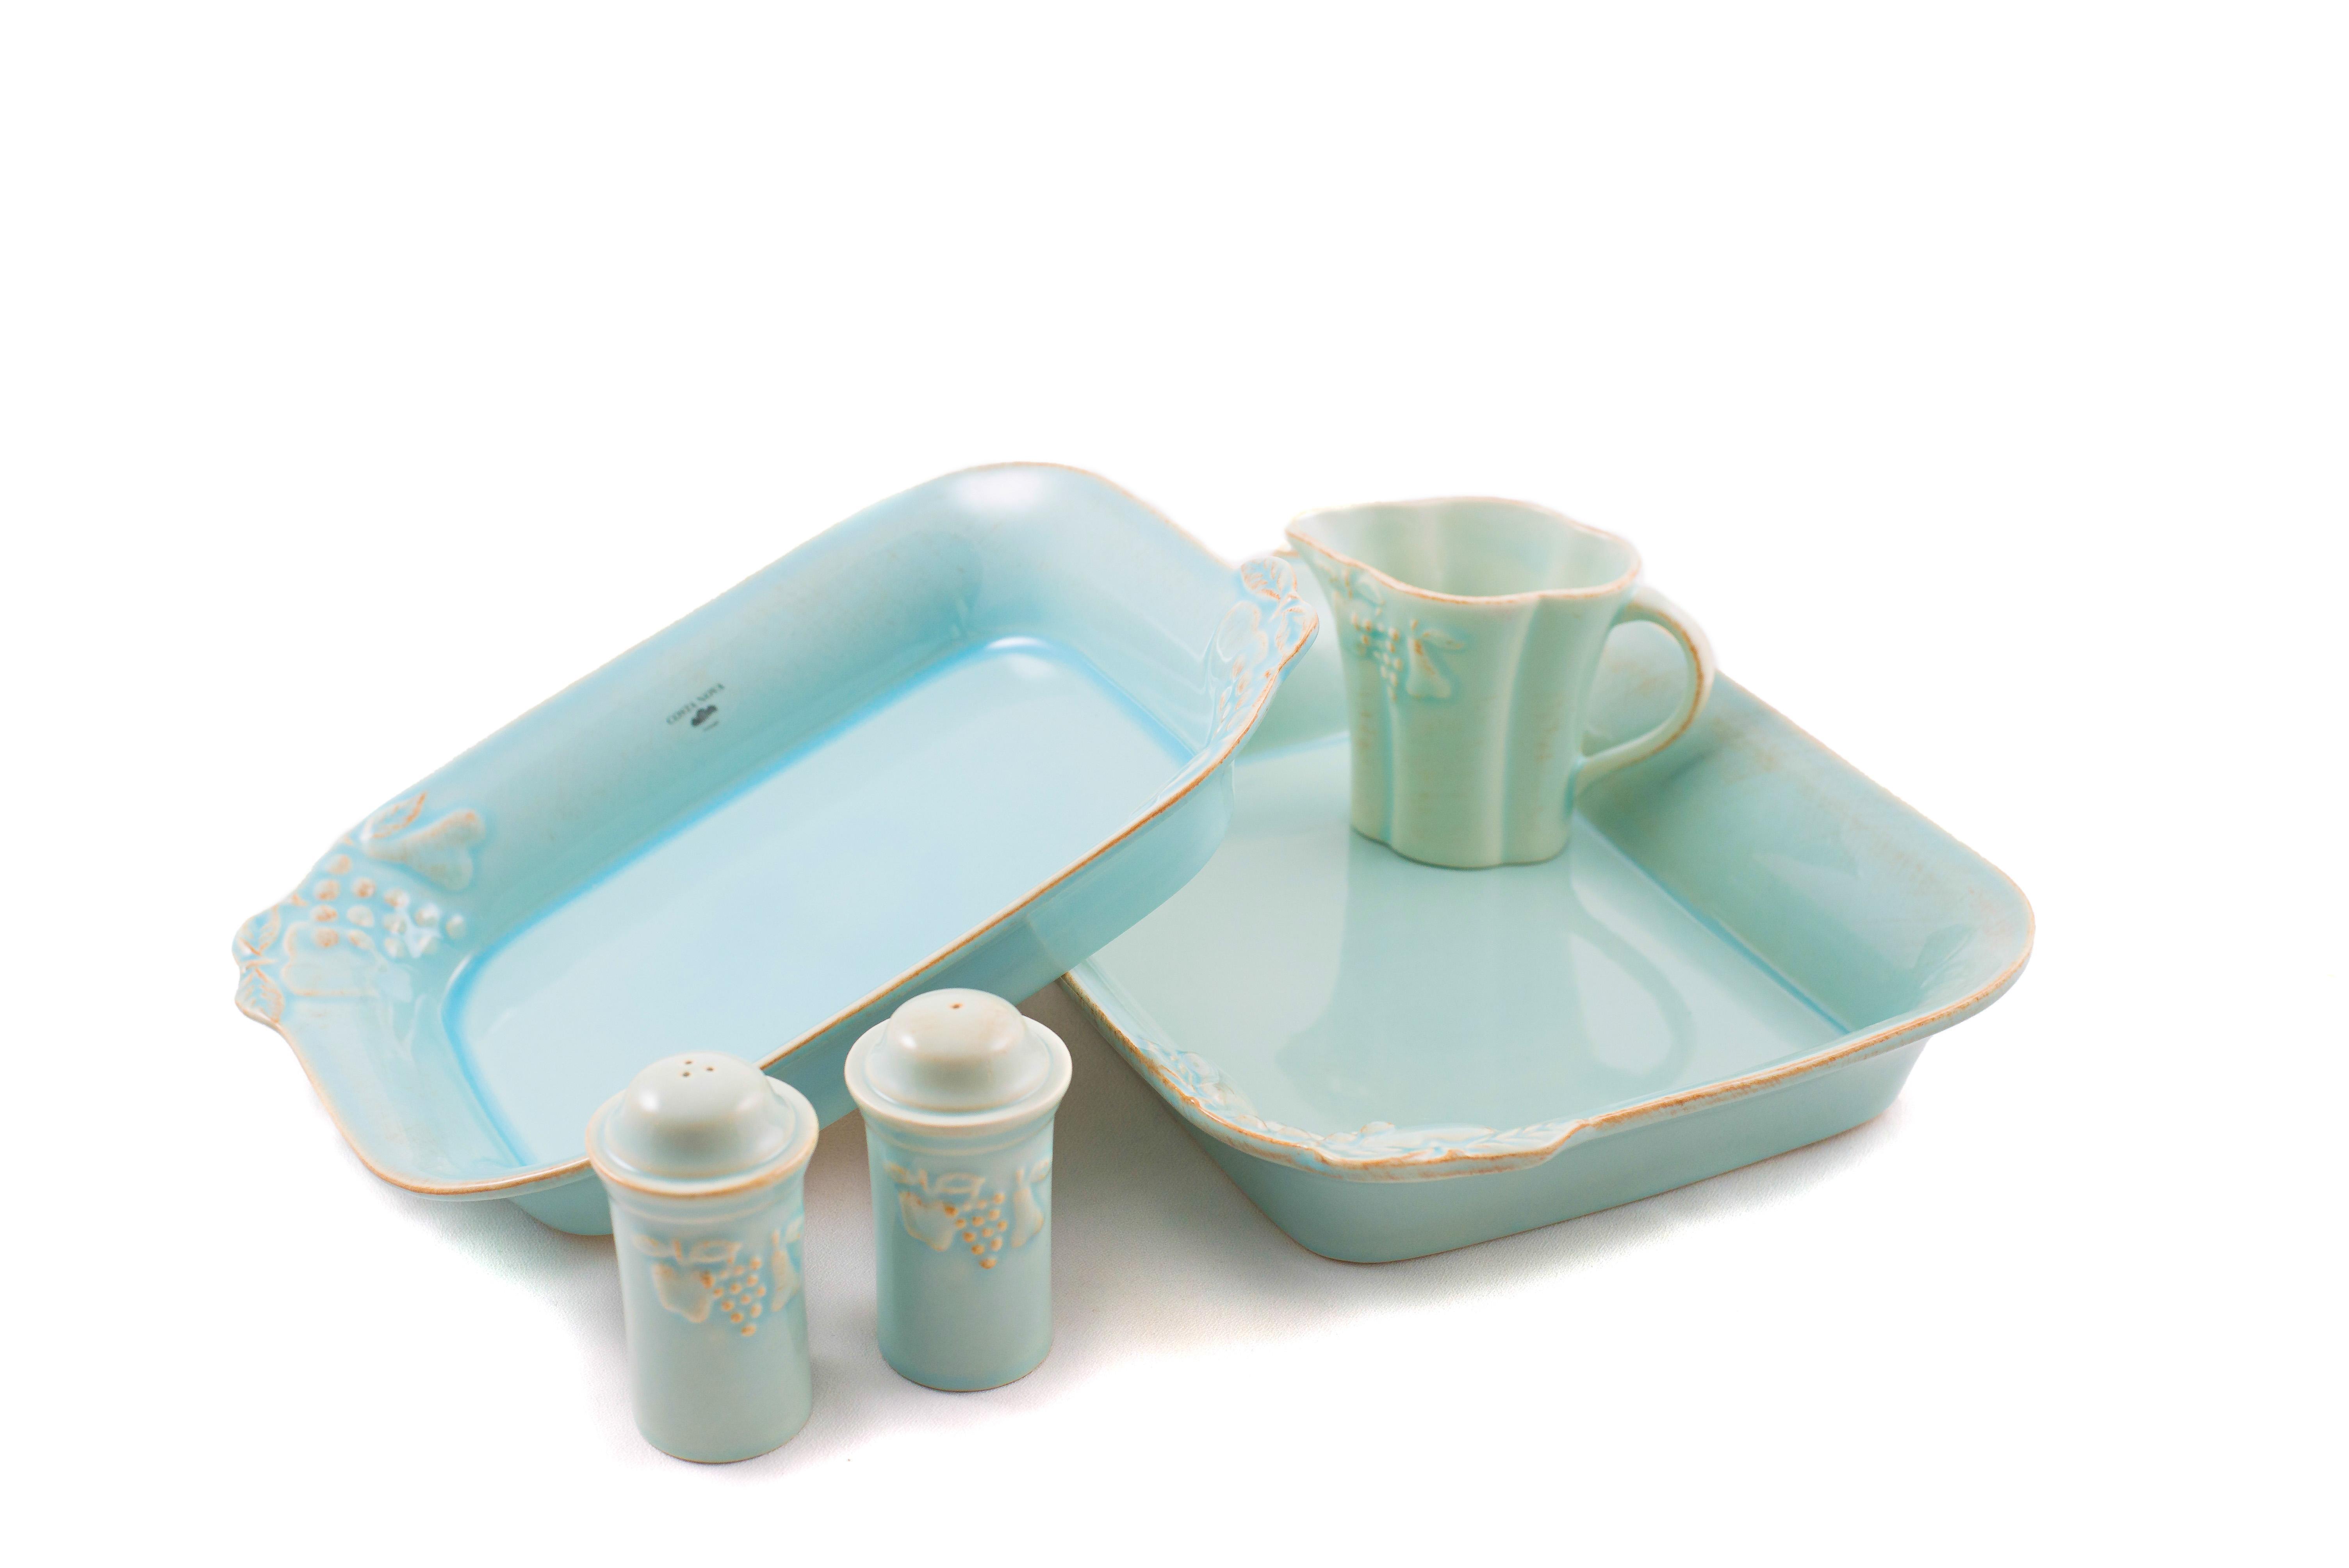 Емкости для соли и перца Mediterranea  - фото